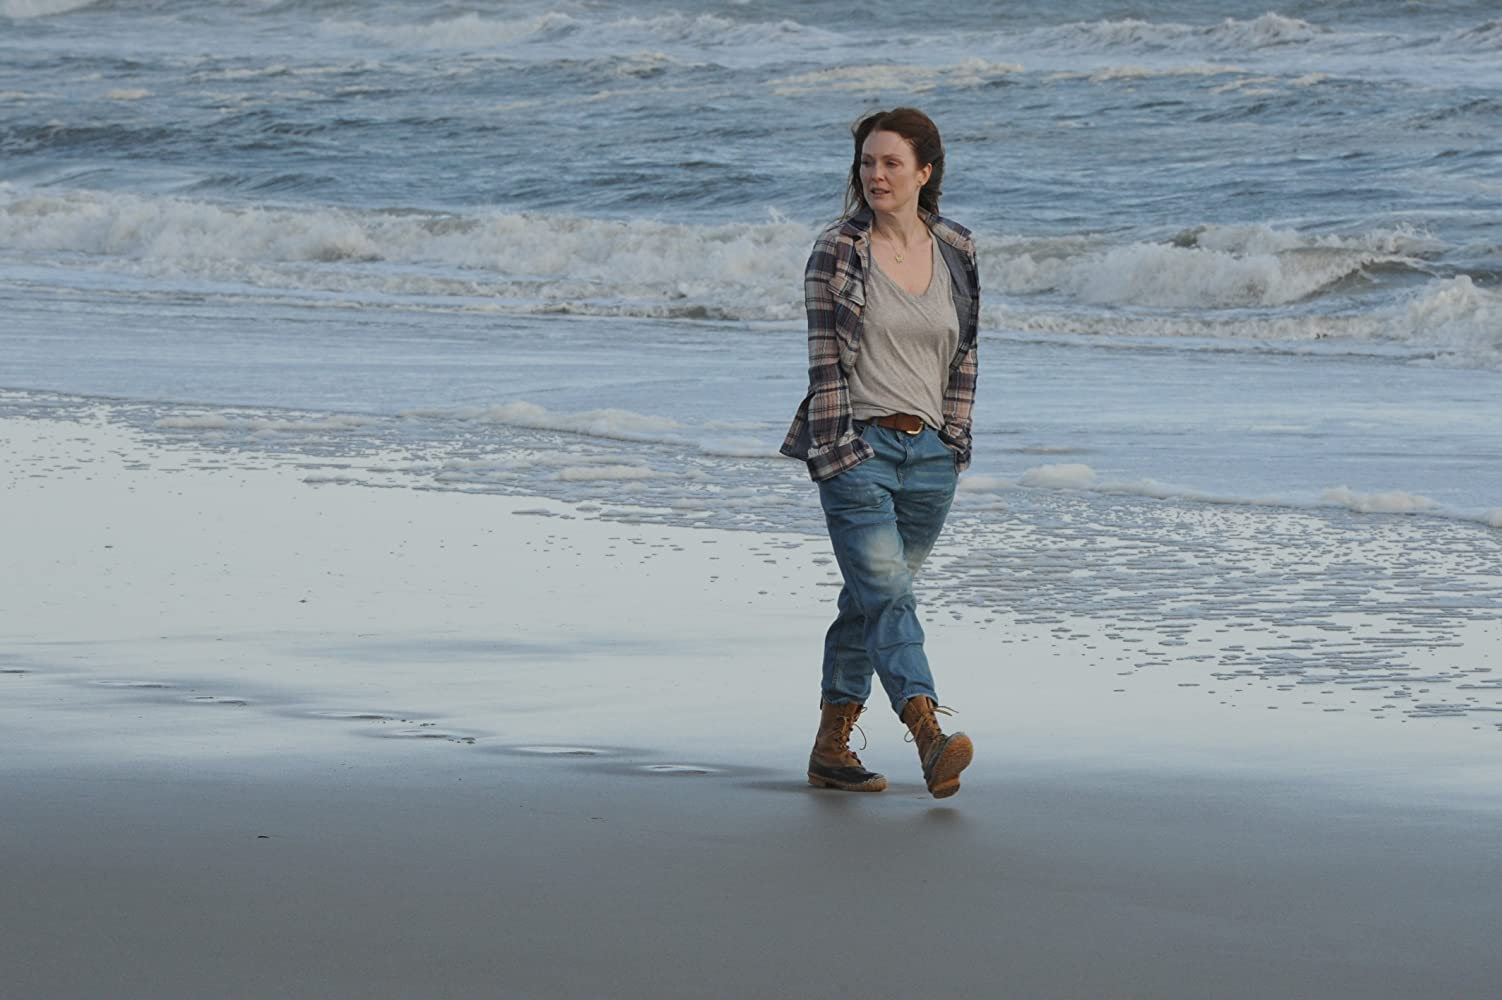 Julianne Moore in Still Alice (2014)